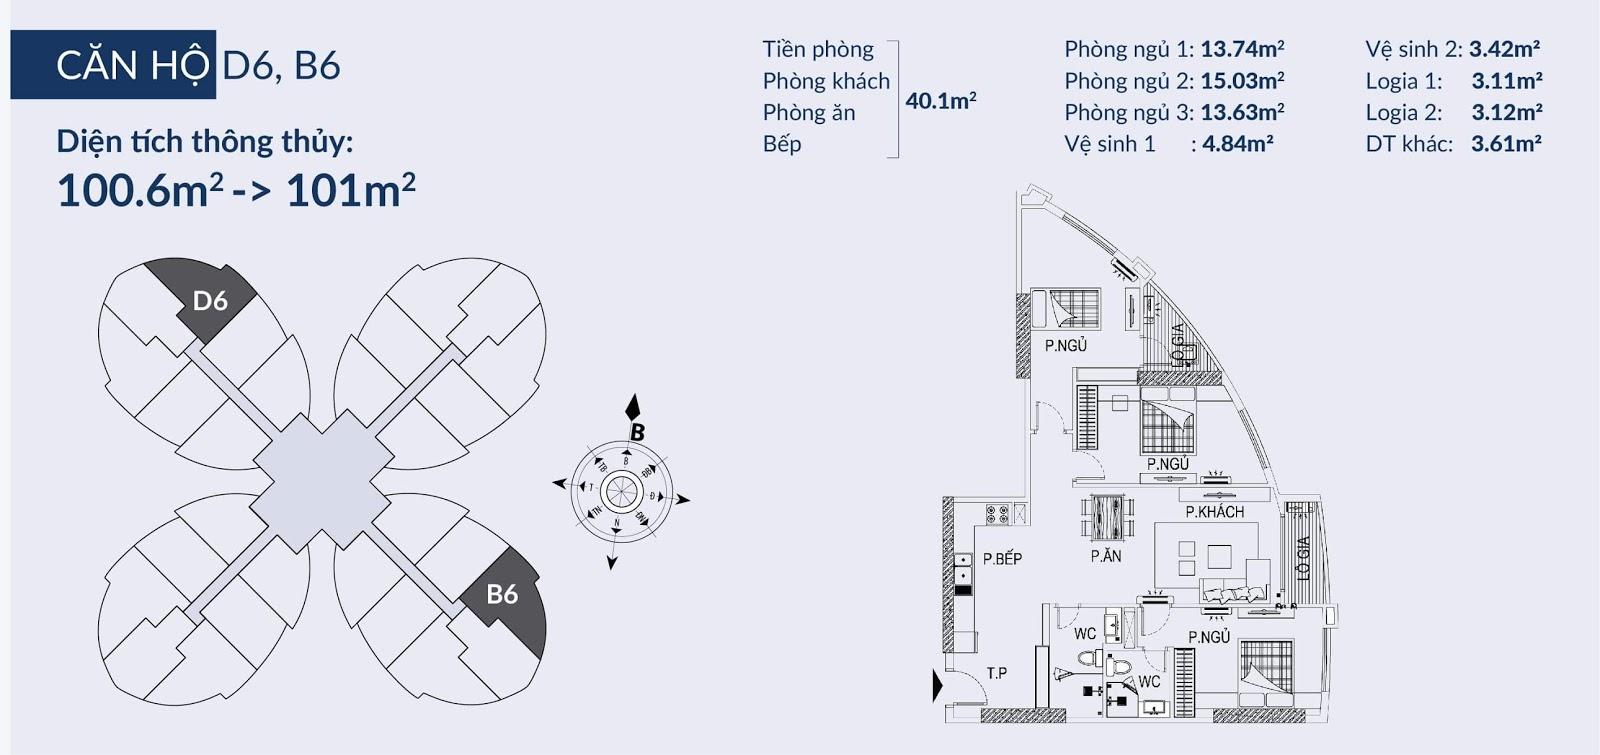 Chi tiết căn hộ D6, B6 dự án 360 Giải Phóng